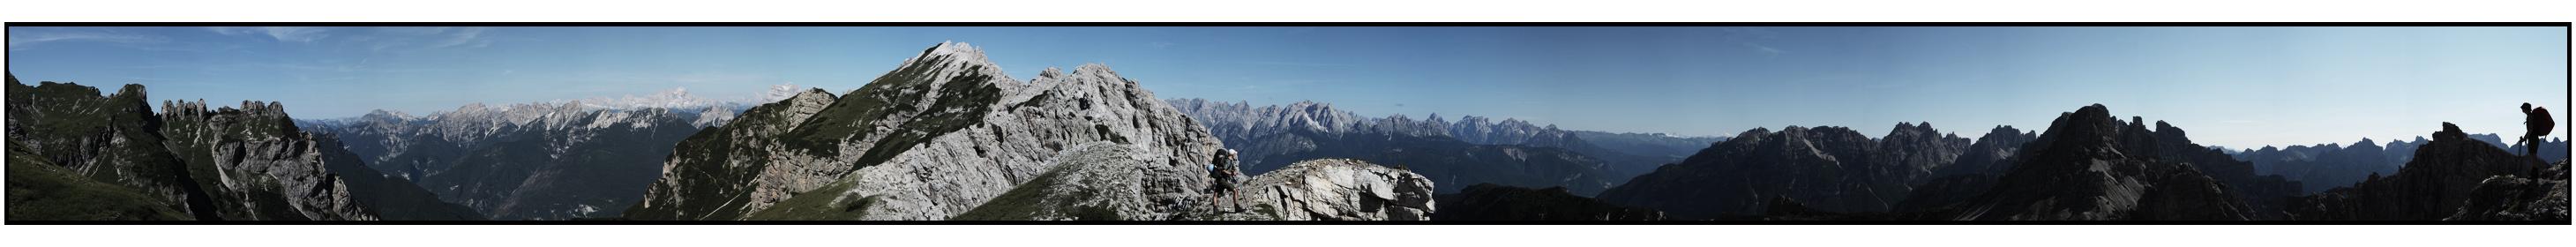 Forc per Verdocia - Dolomiten